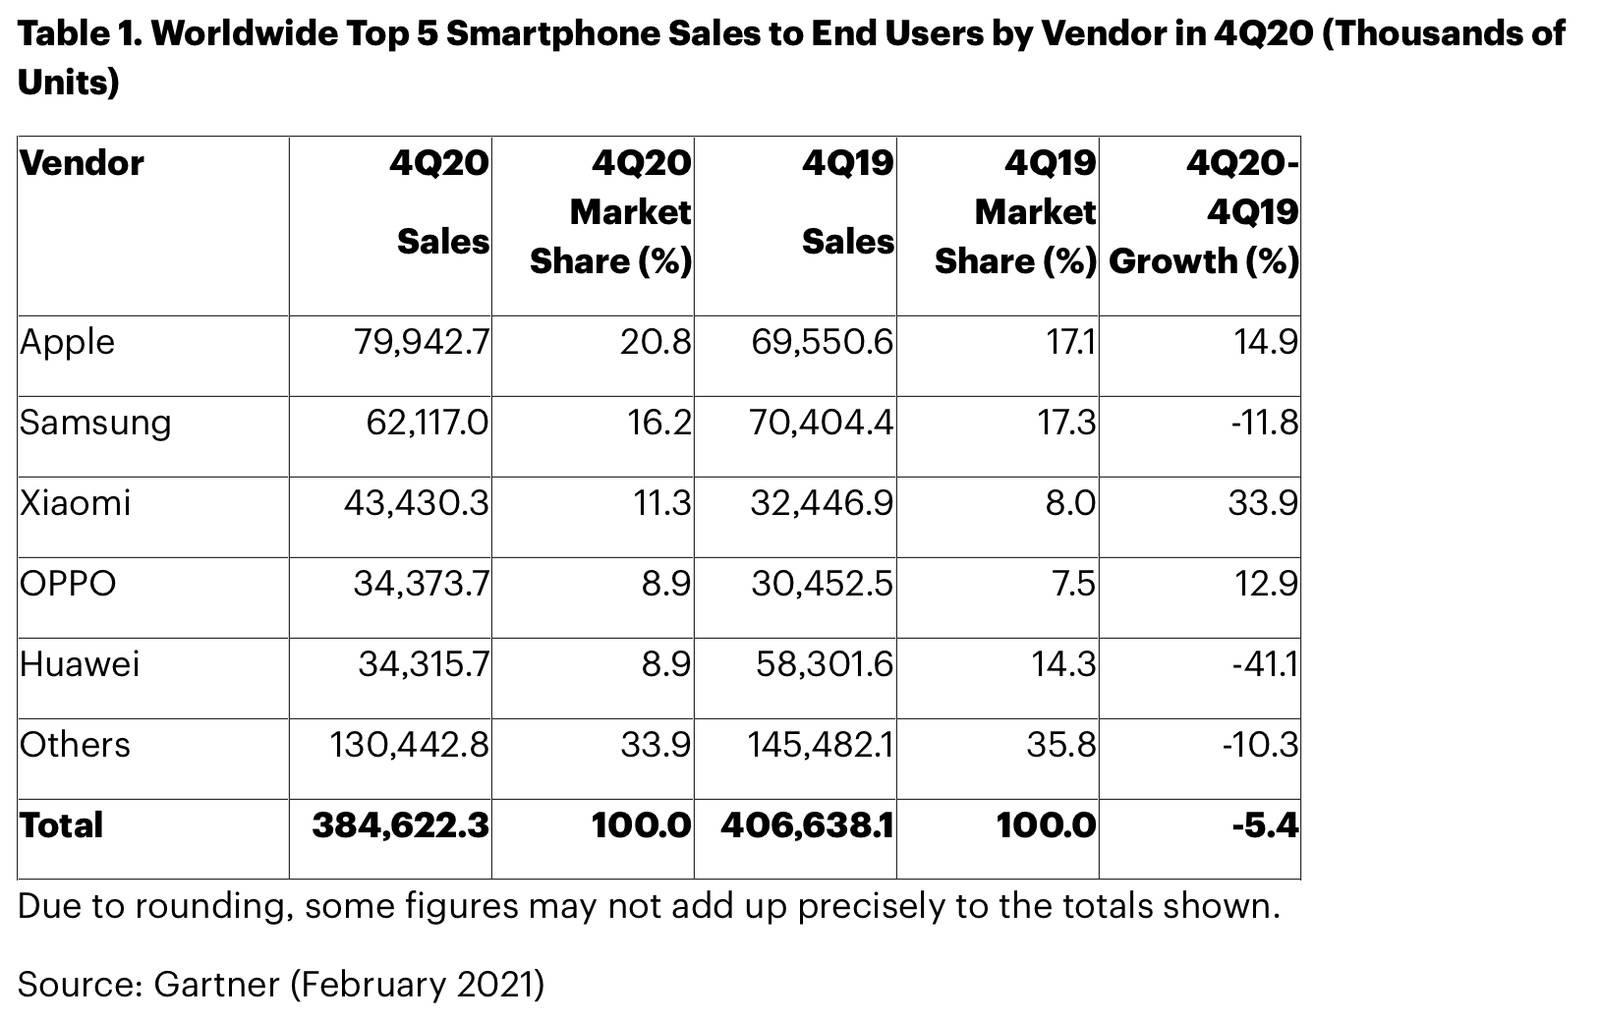 超越三星:苹果是去年第四季度全球最大的智能手机供应商